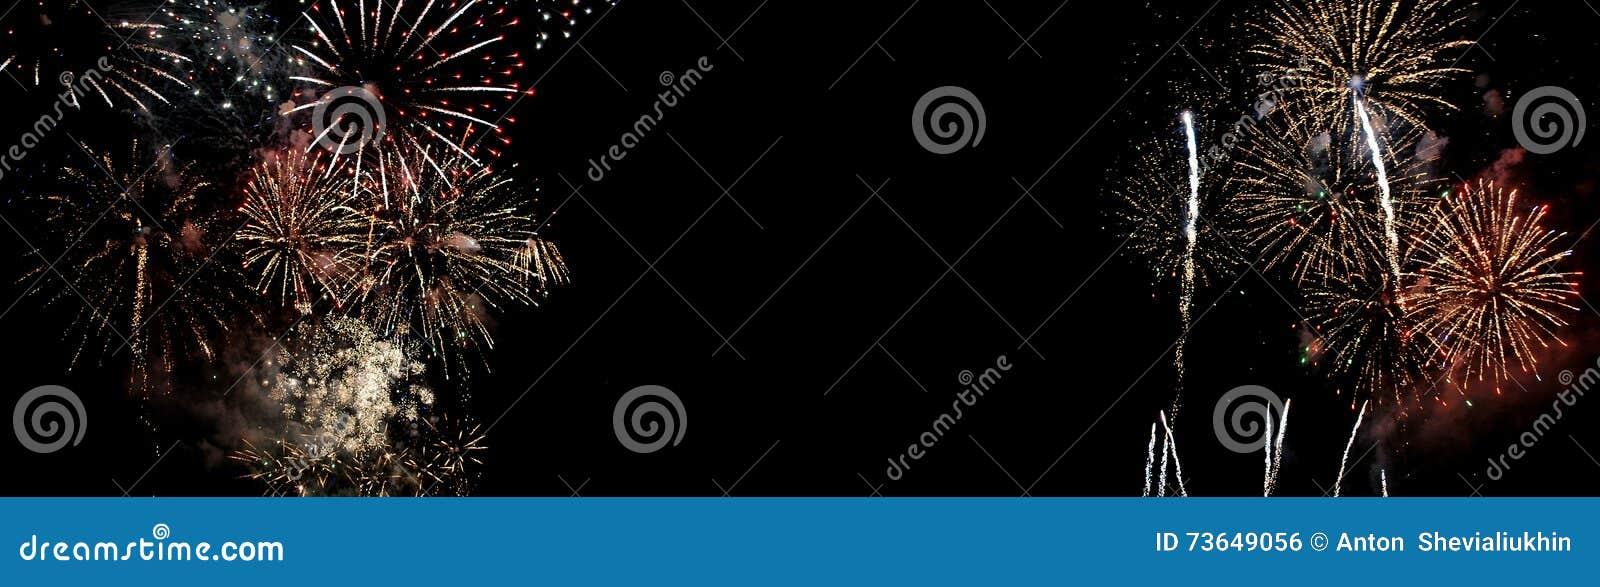 Feuerwerke lokalisiert auf schwarzem Hintergrund